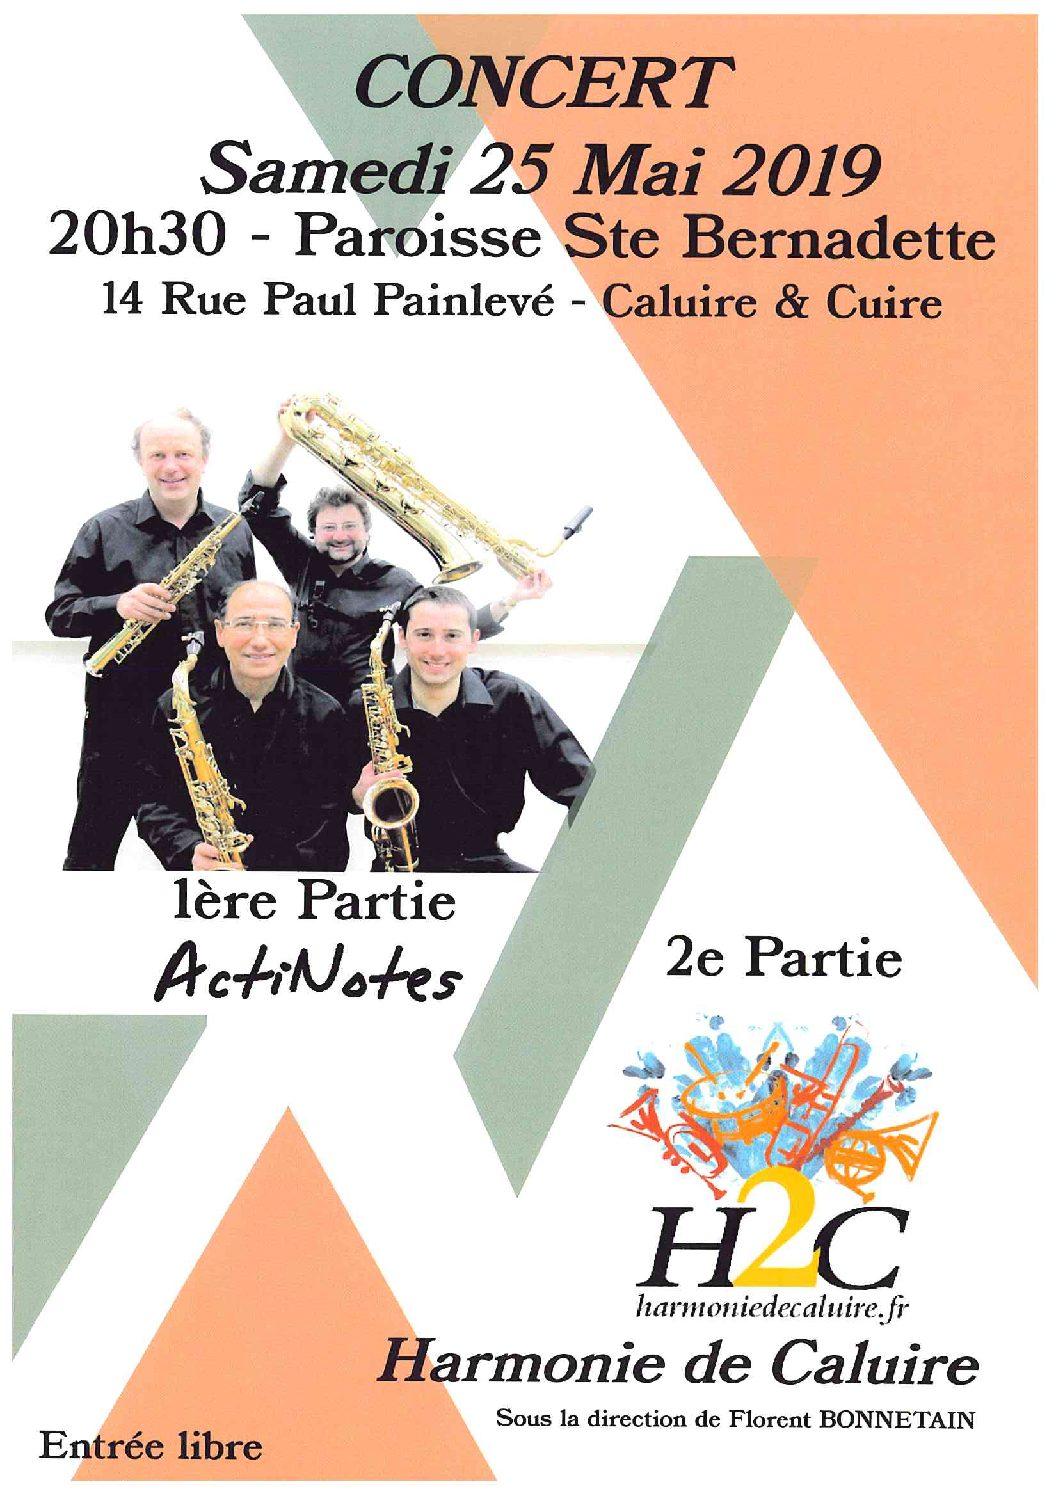 Prochain concert de l'Harmonie le samedi 25 mai à 20h30 avec Actinotes